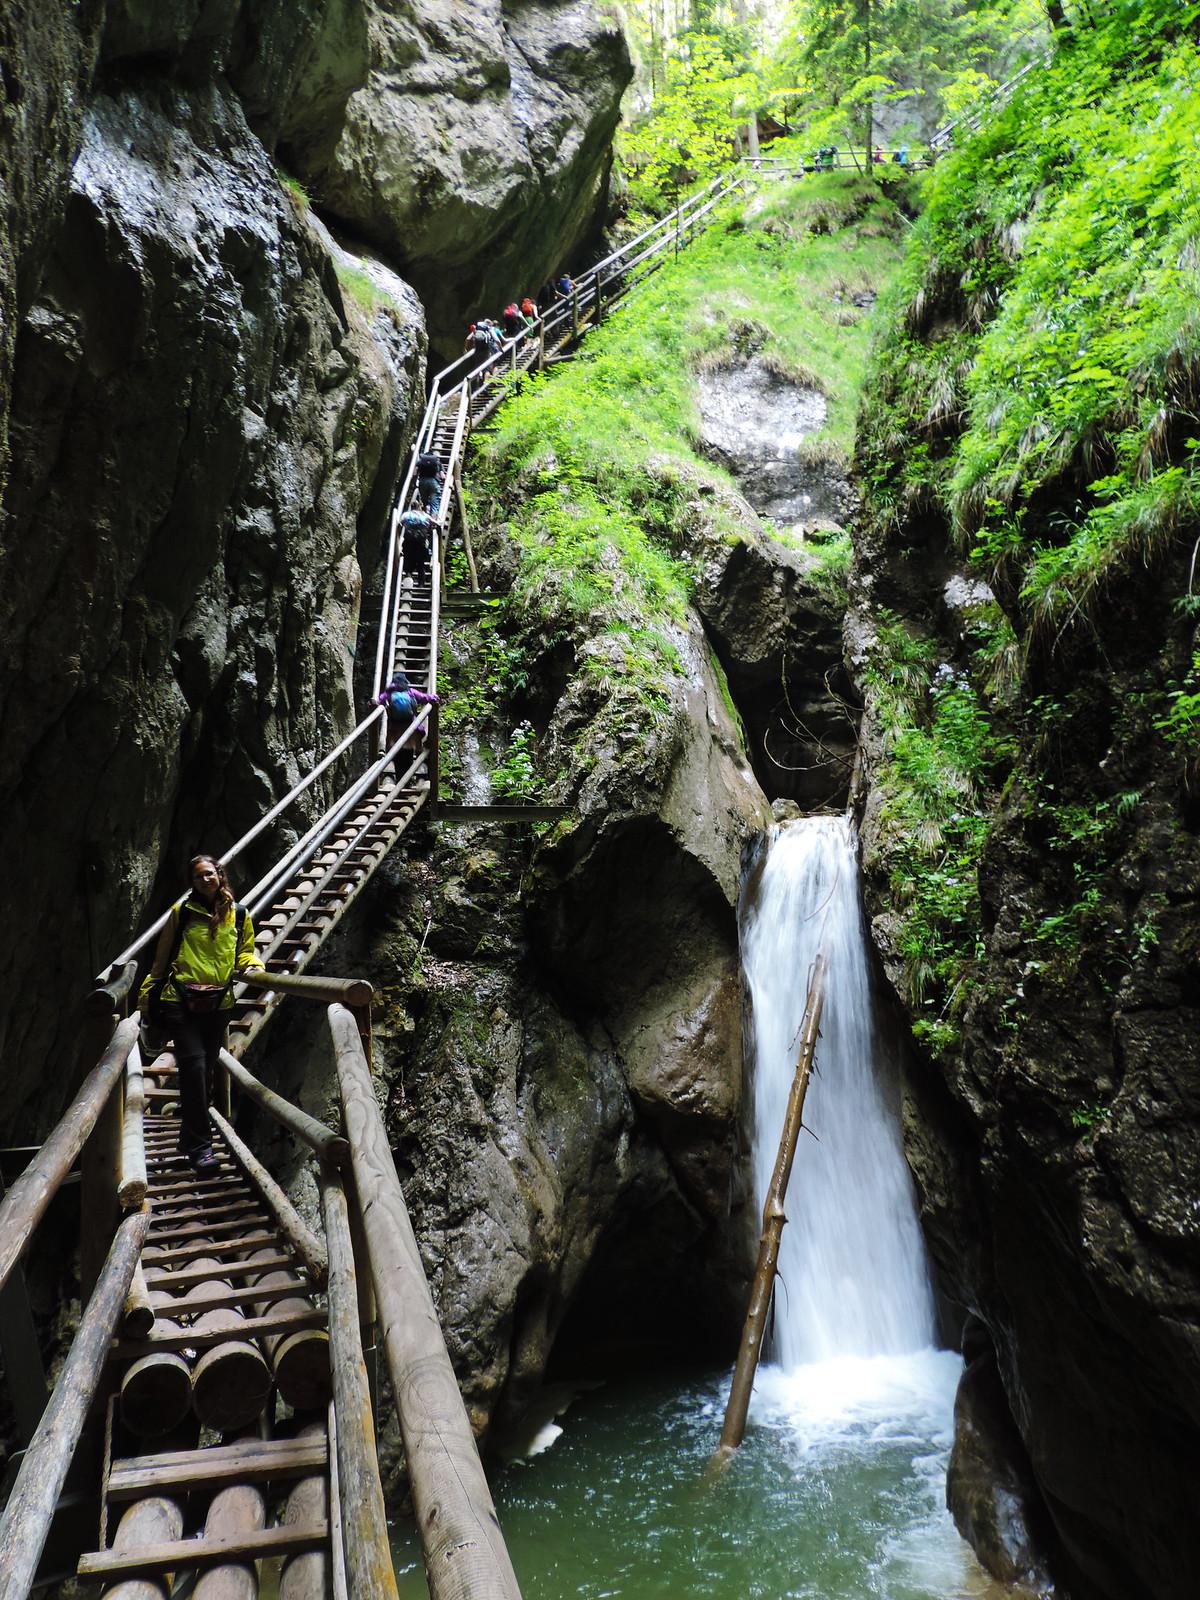 Bärenschütz Gorge, Styria, Austria